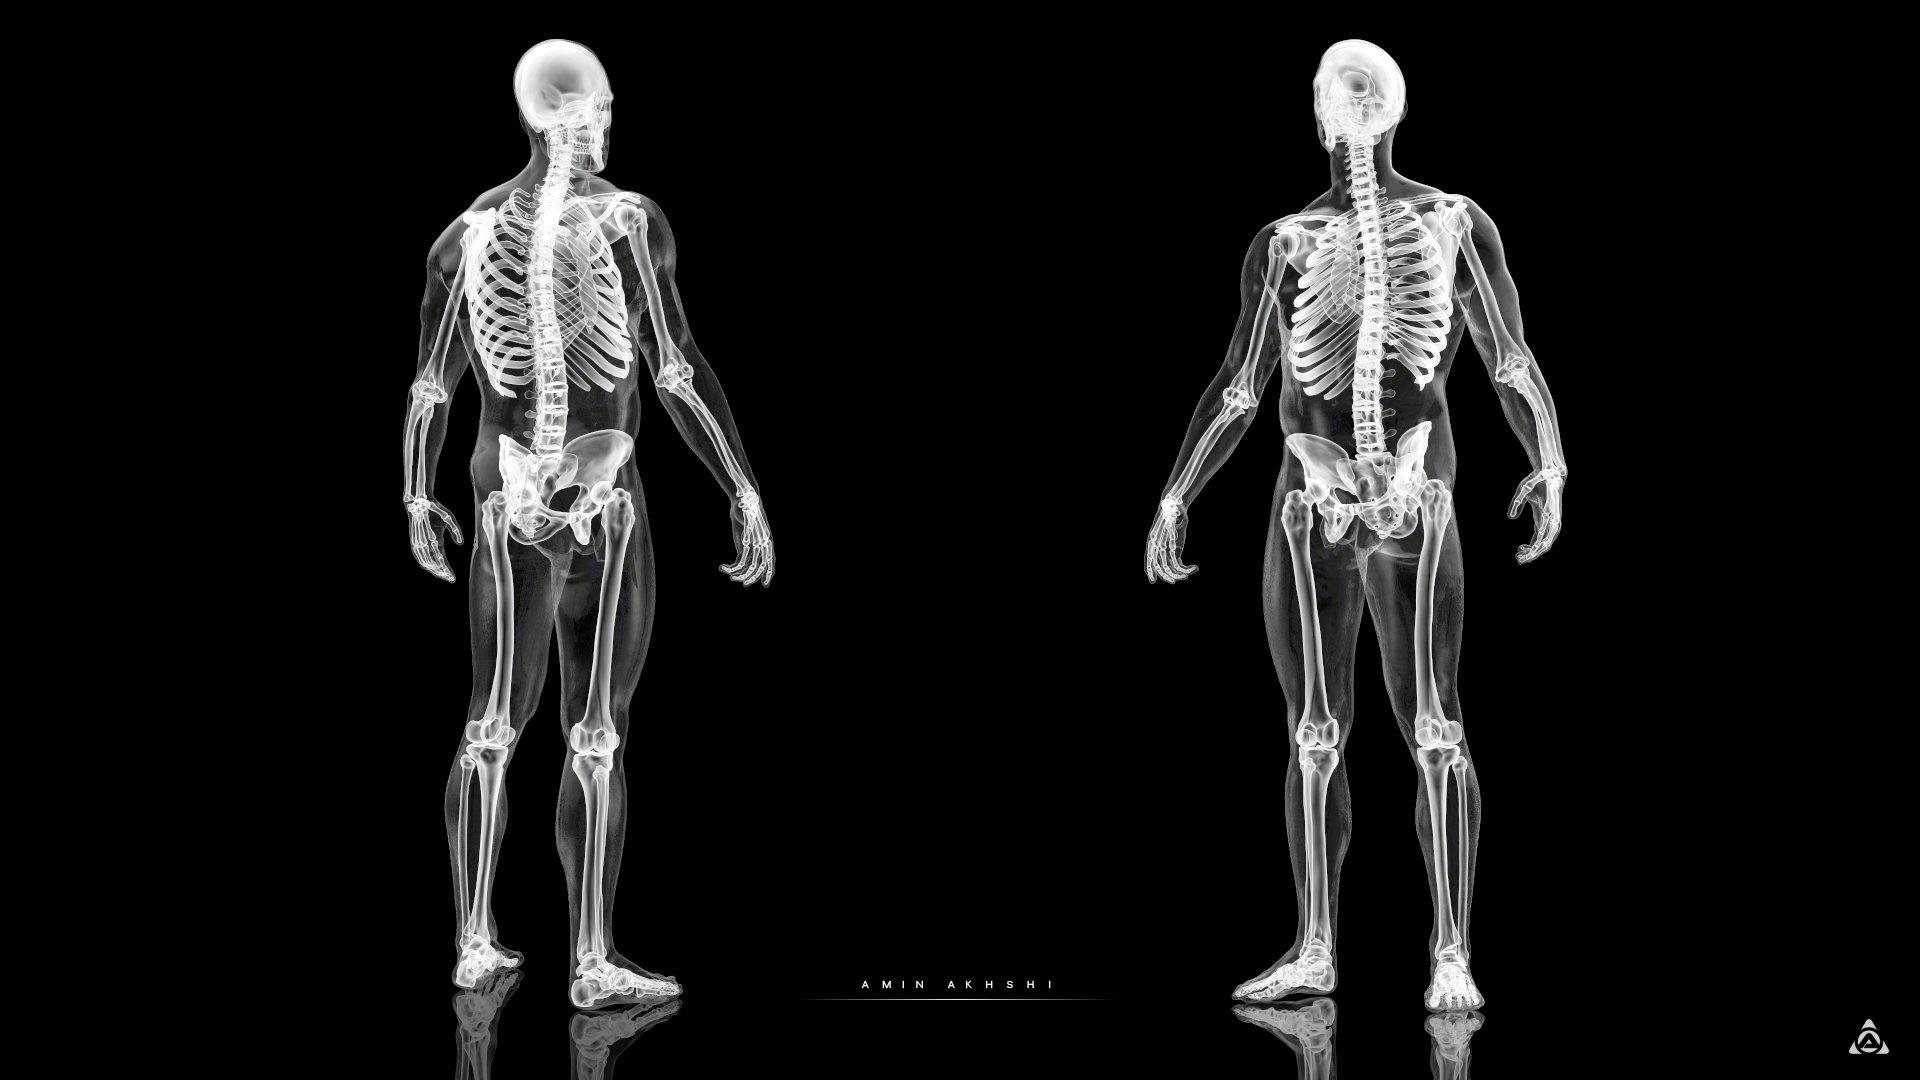 Amin akhshi anatomy x ray f b